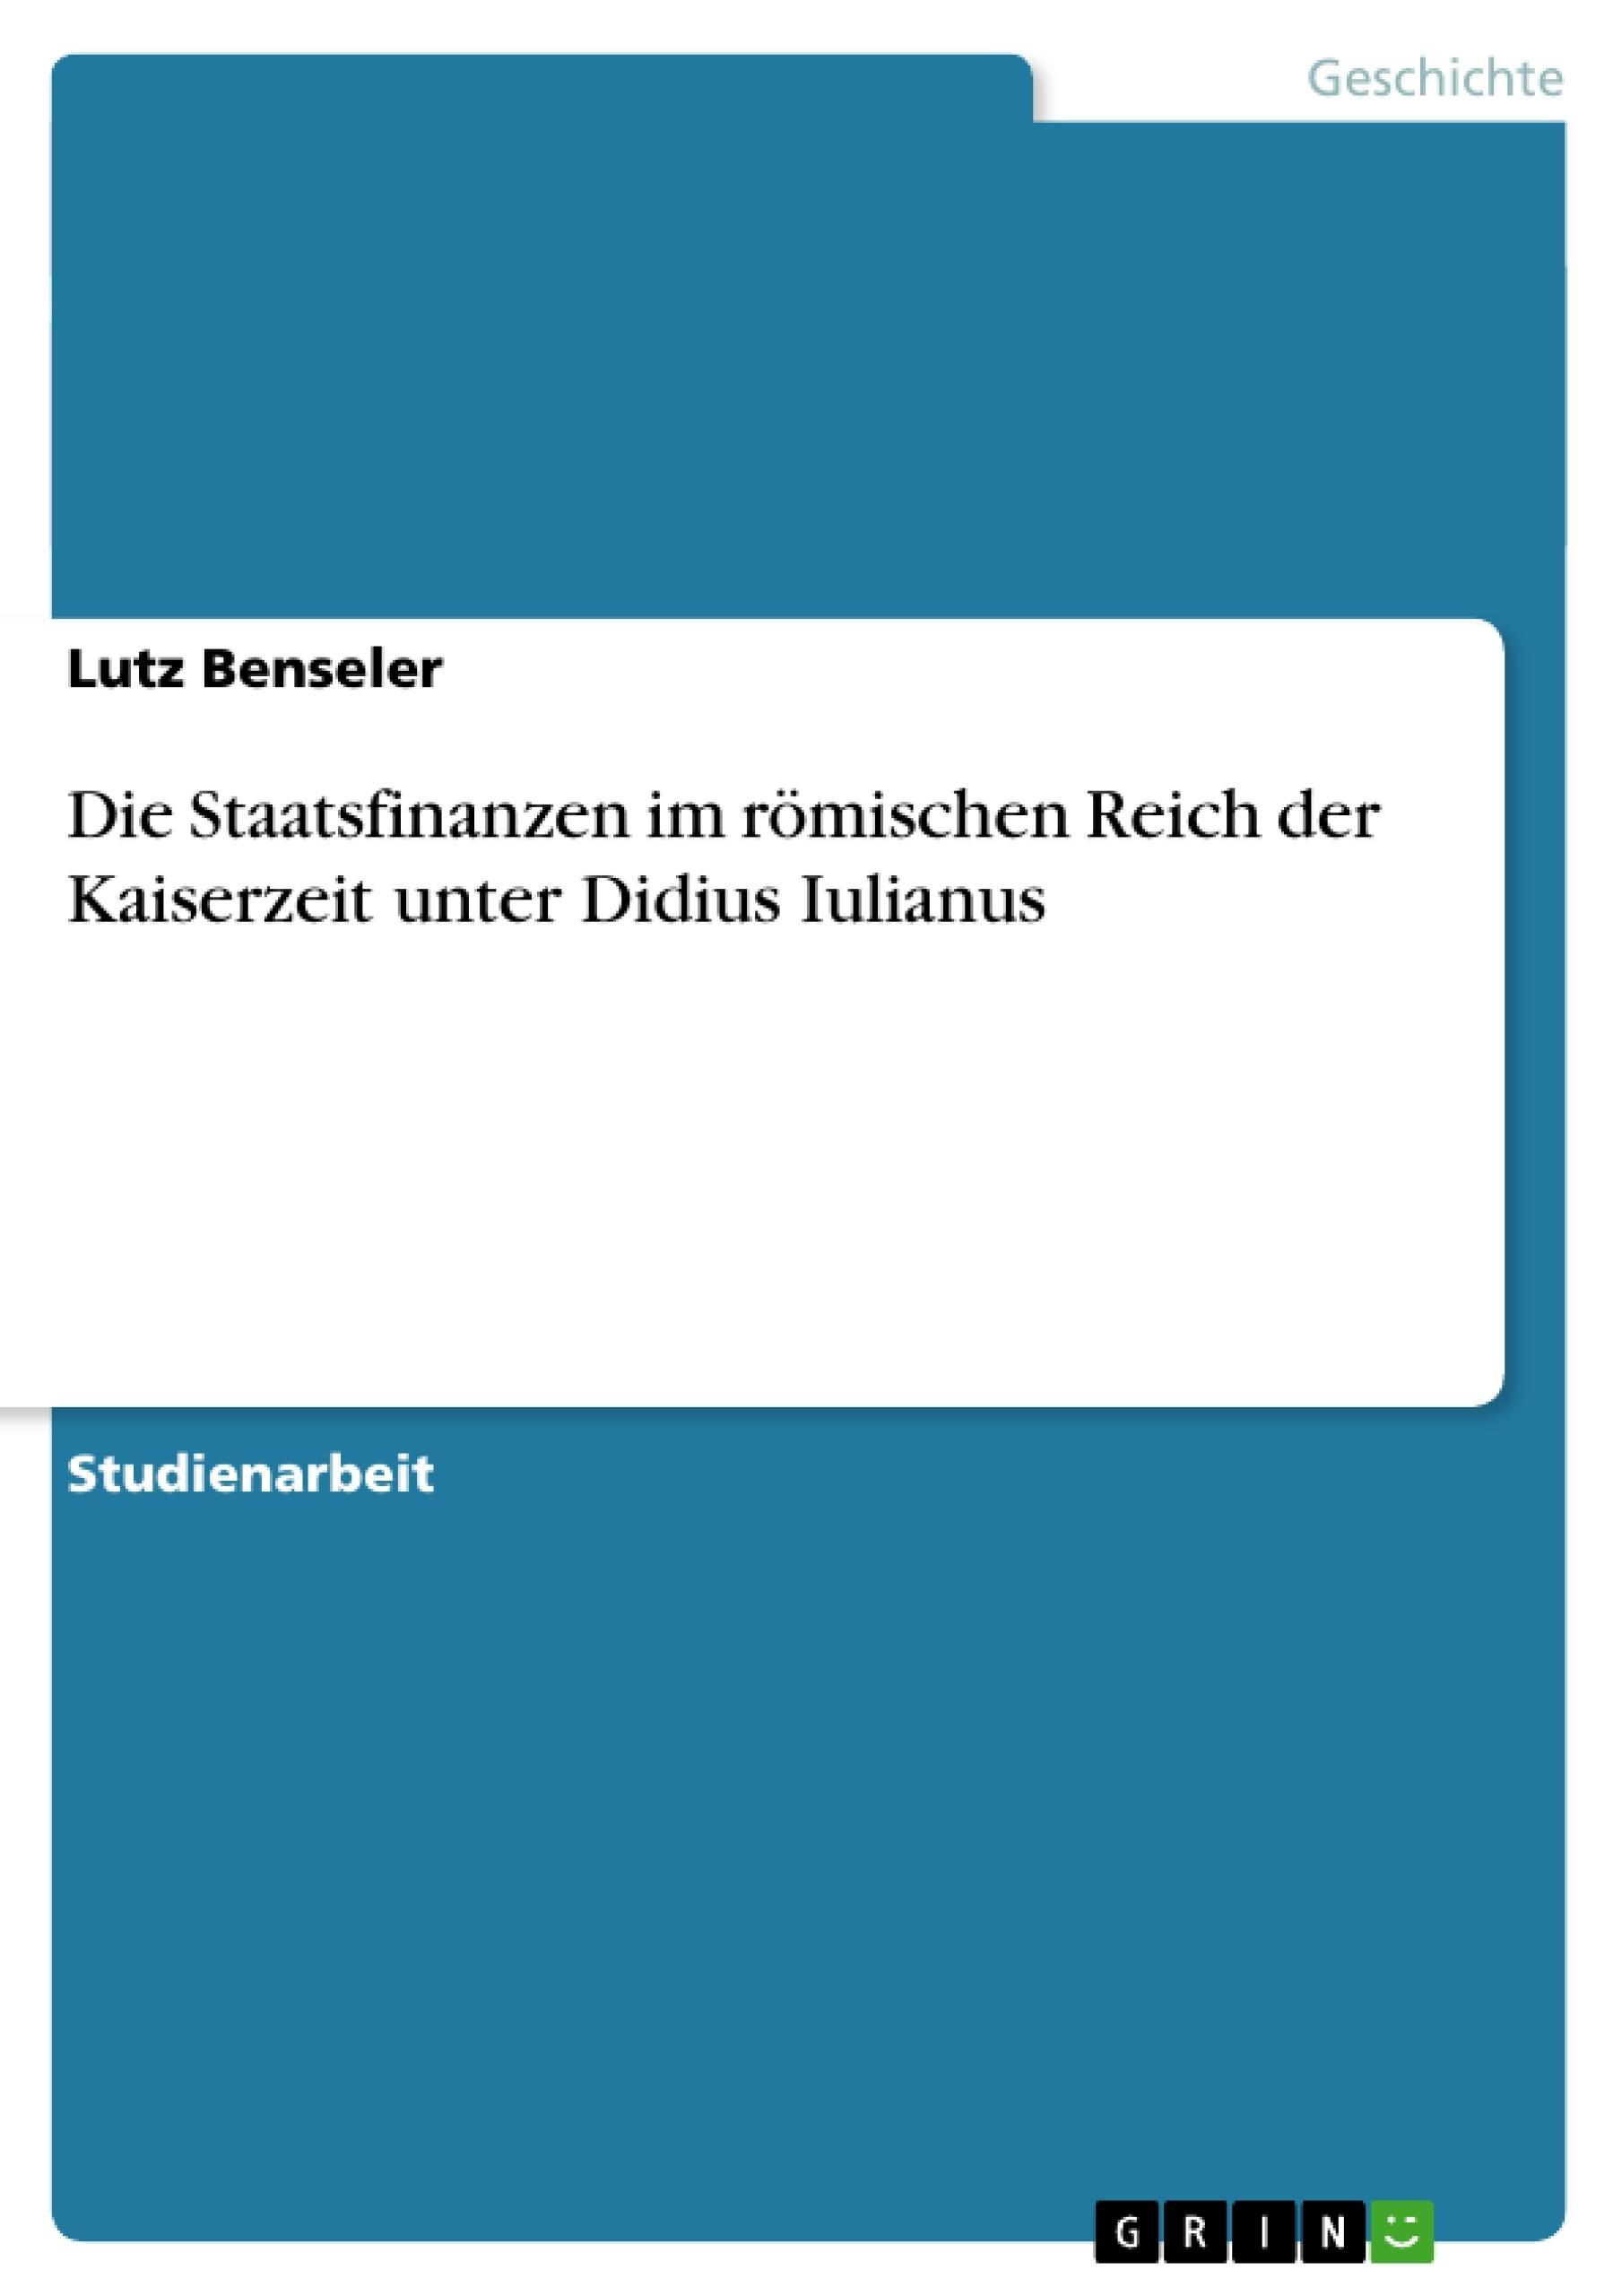 Titel: Die Staatsfinanzen im römischen Reich der Kaiserzeit unter Didius Iulianus